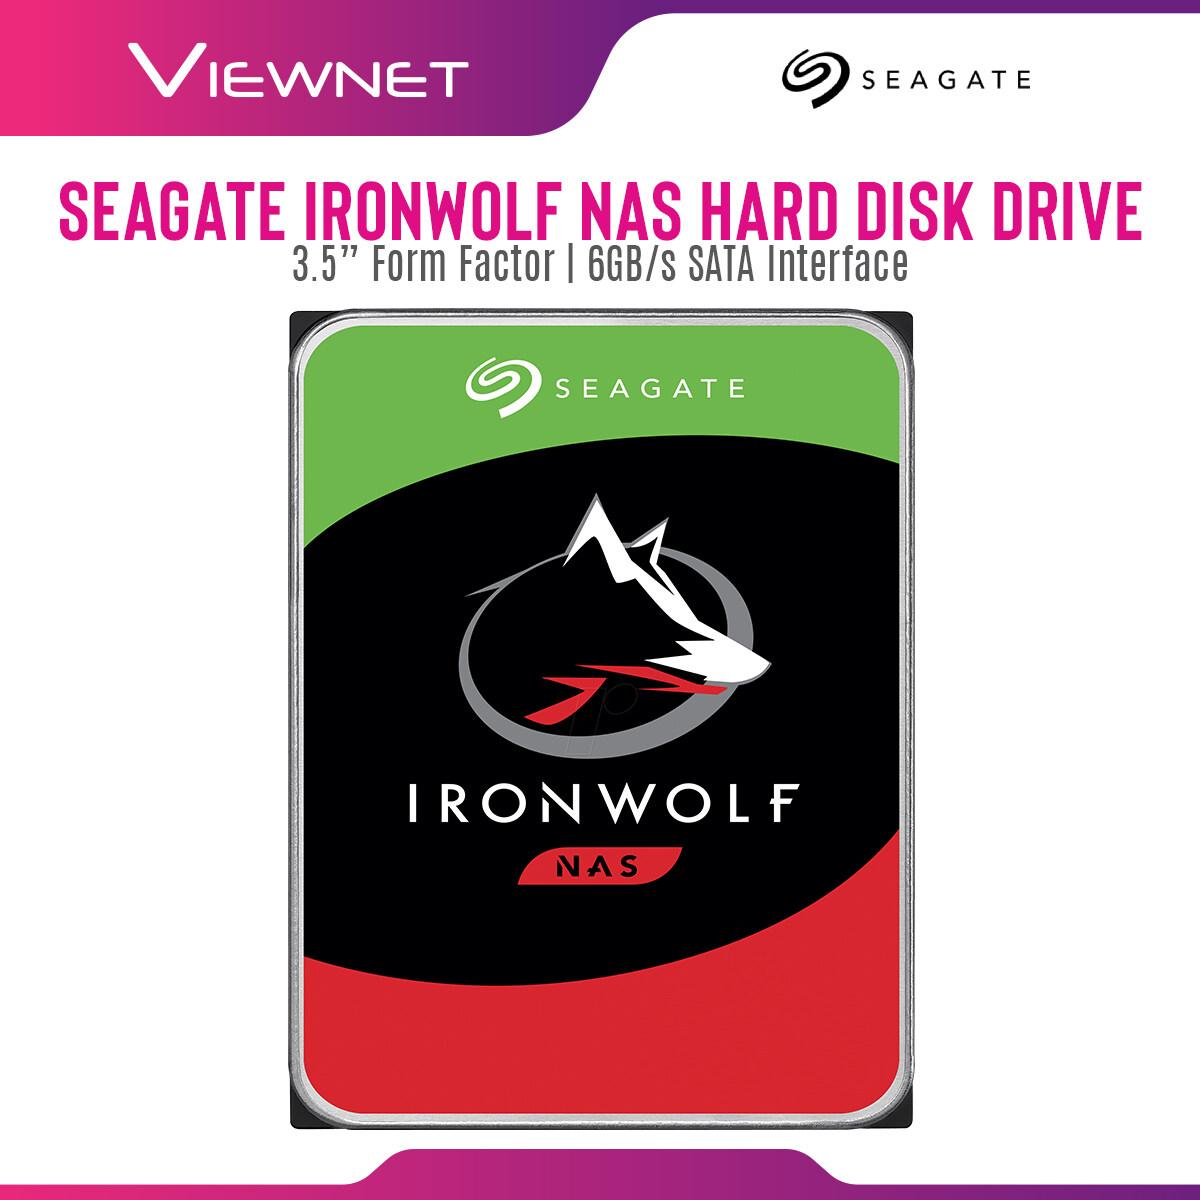 Seagate Ironwolf 1TB/2TB/3TB/4TB Internal Hard Drive - 5900RPM SATA 6Gb/s 64MB Cache 3.5